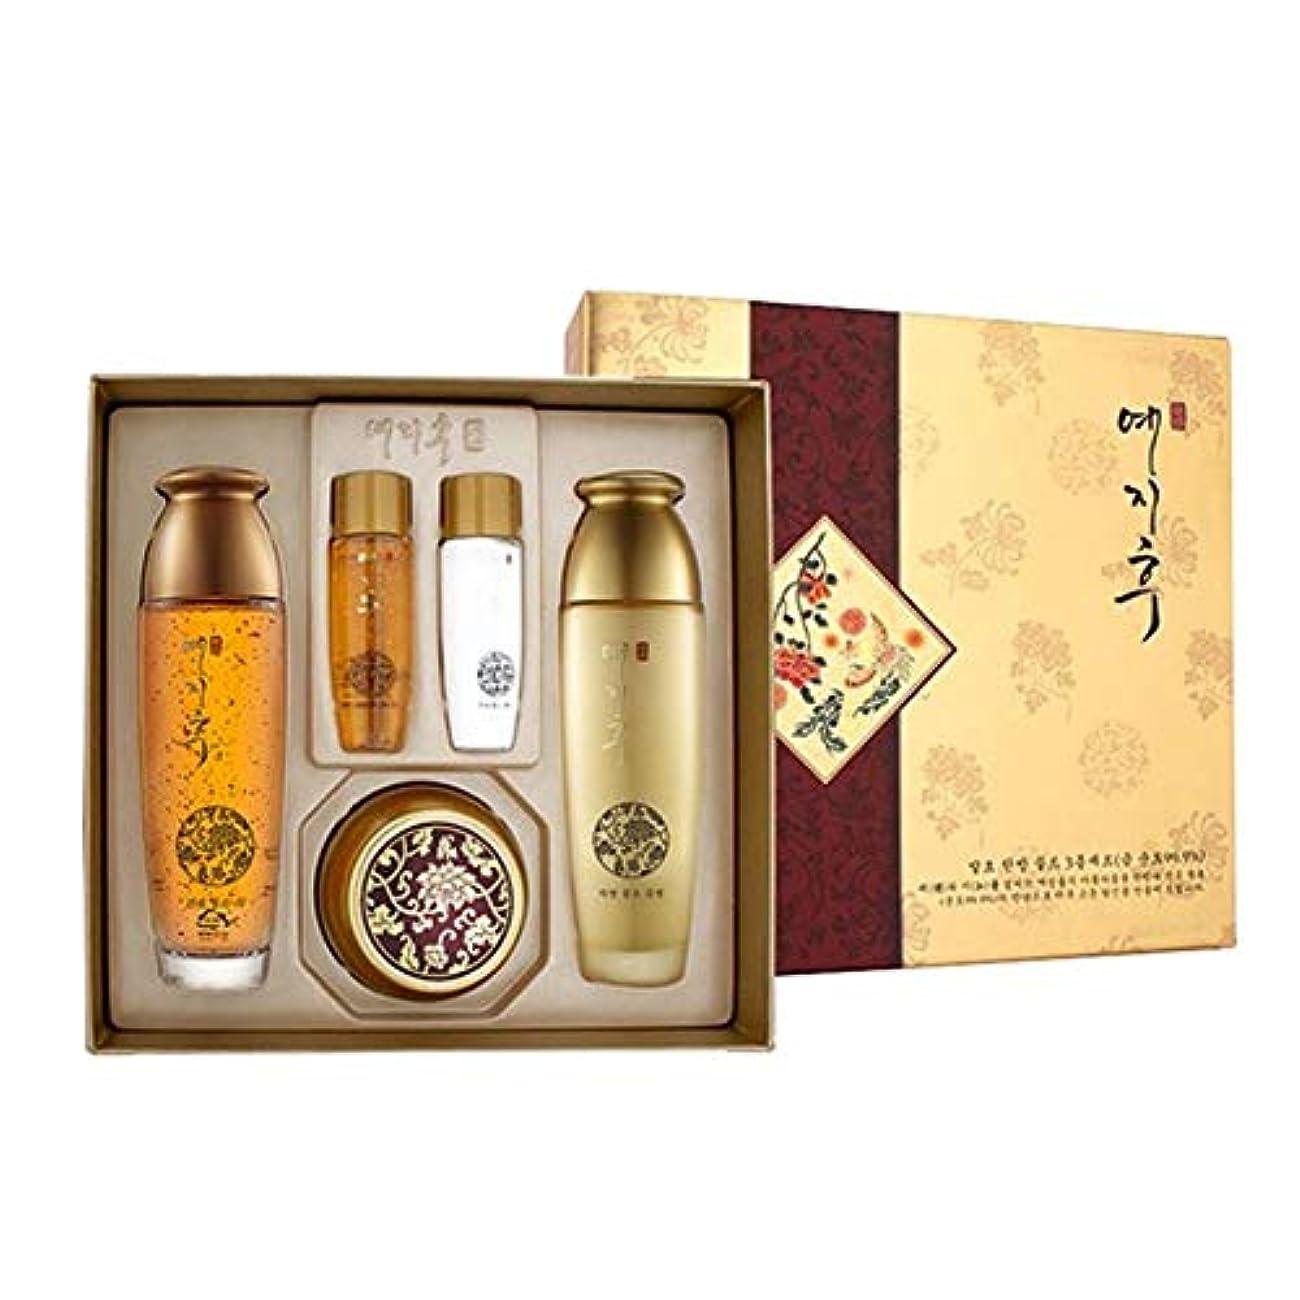 例求める比喩イェジフ漢方ゴールド3種セットゴールド水180ml(150+30) ゴールド乳液180ml(150+30) ゴールド栄養クリーム50ml、Yezihu 3 Sets of Herbal Gold Cosmetics [並行輸入品]